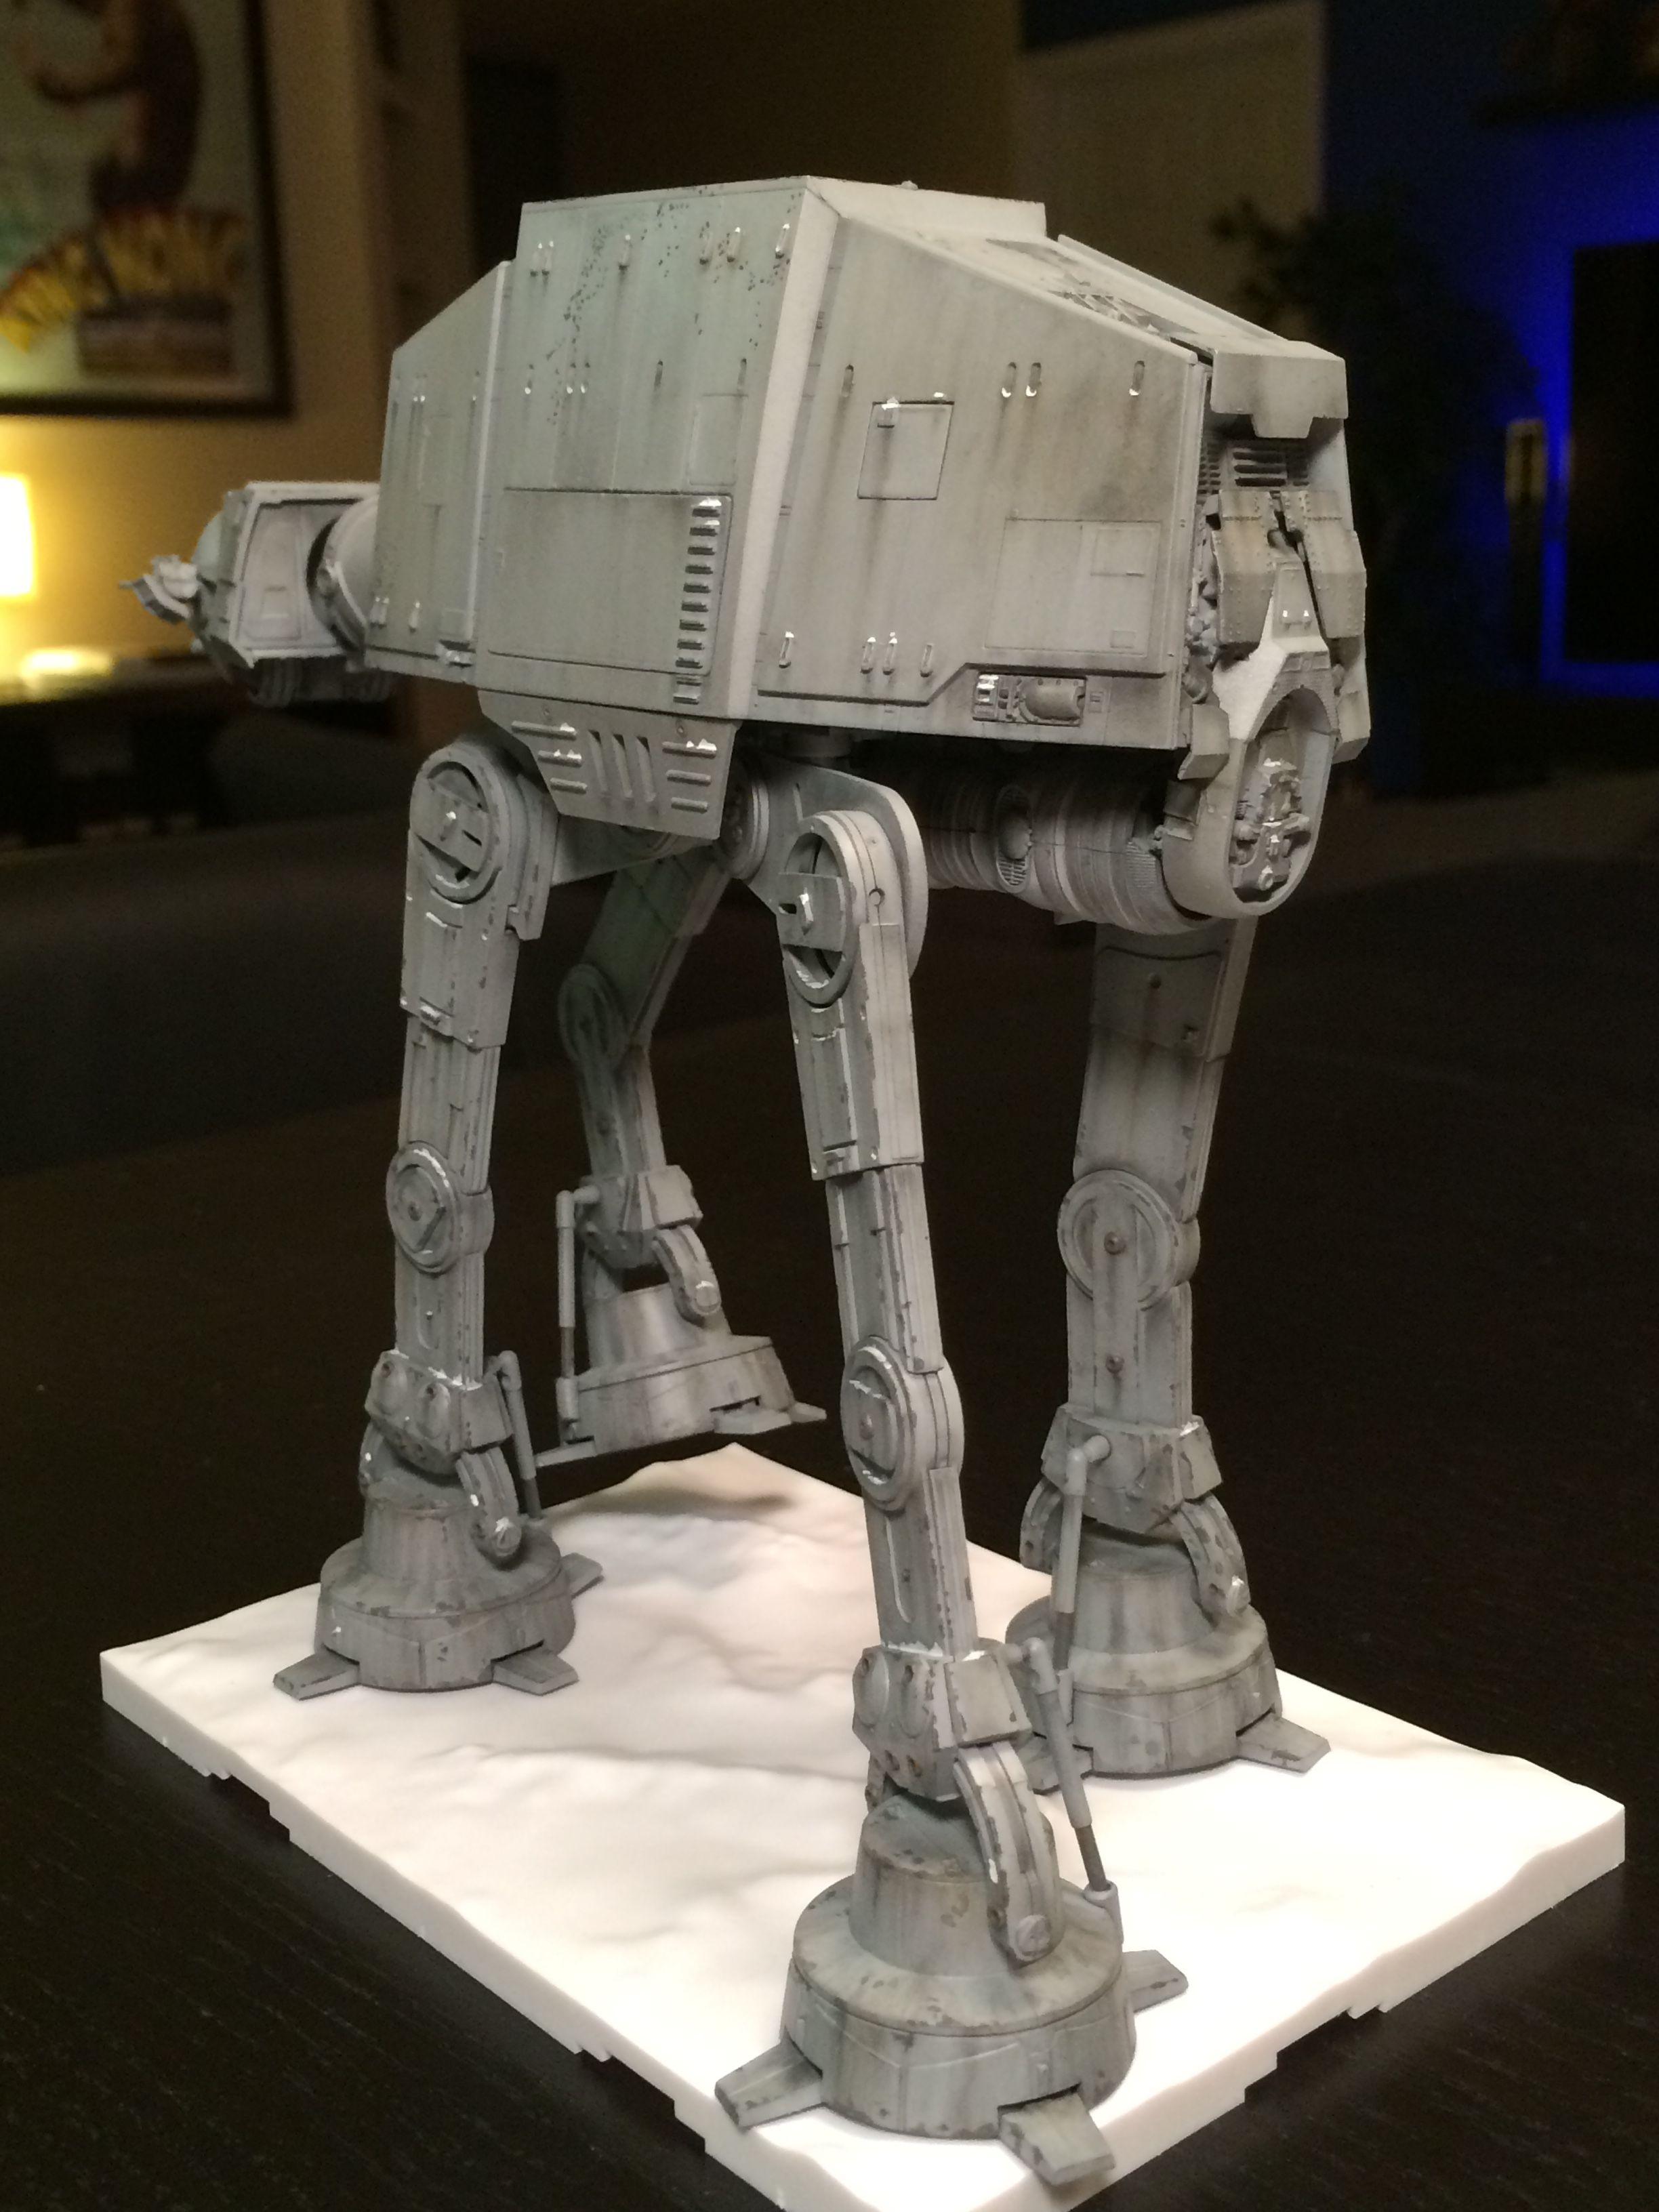 Bandai At At Star Wars Images Star Wars Models Walker Star Wars